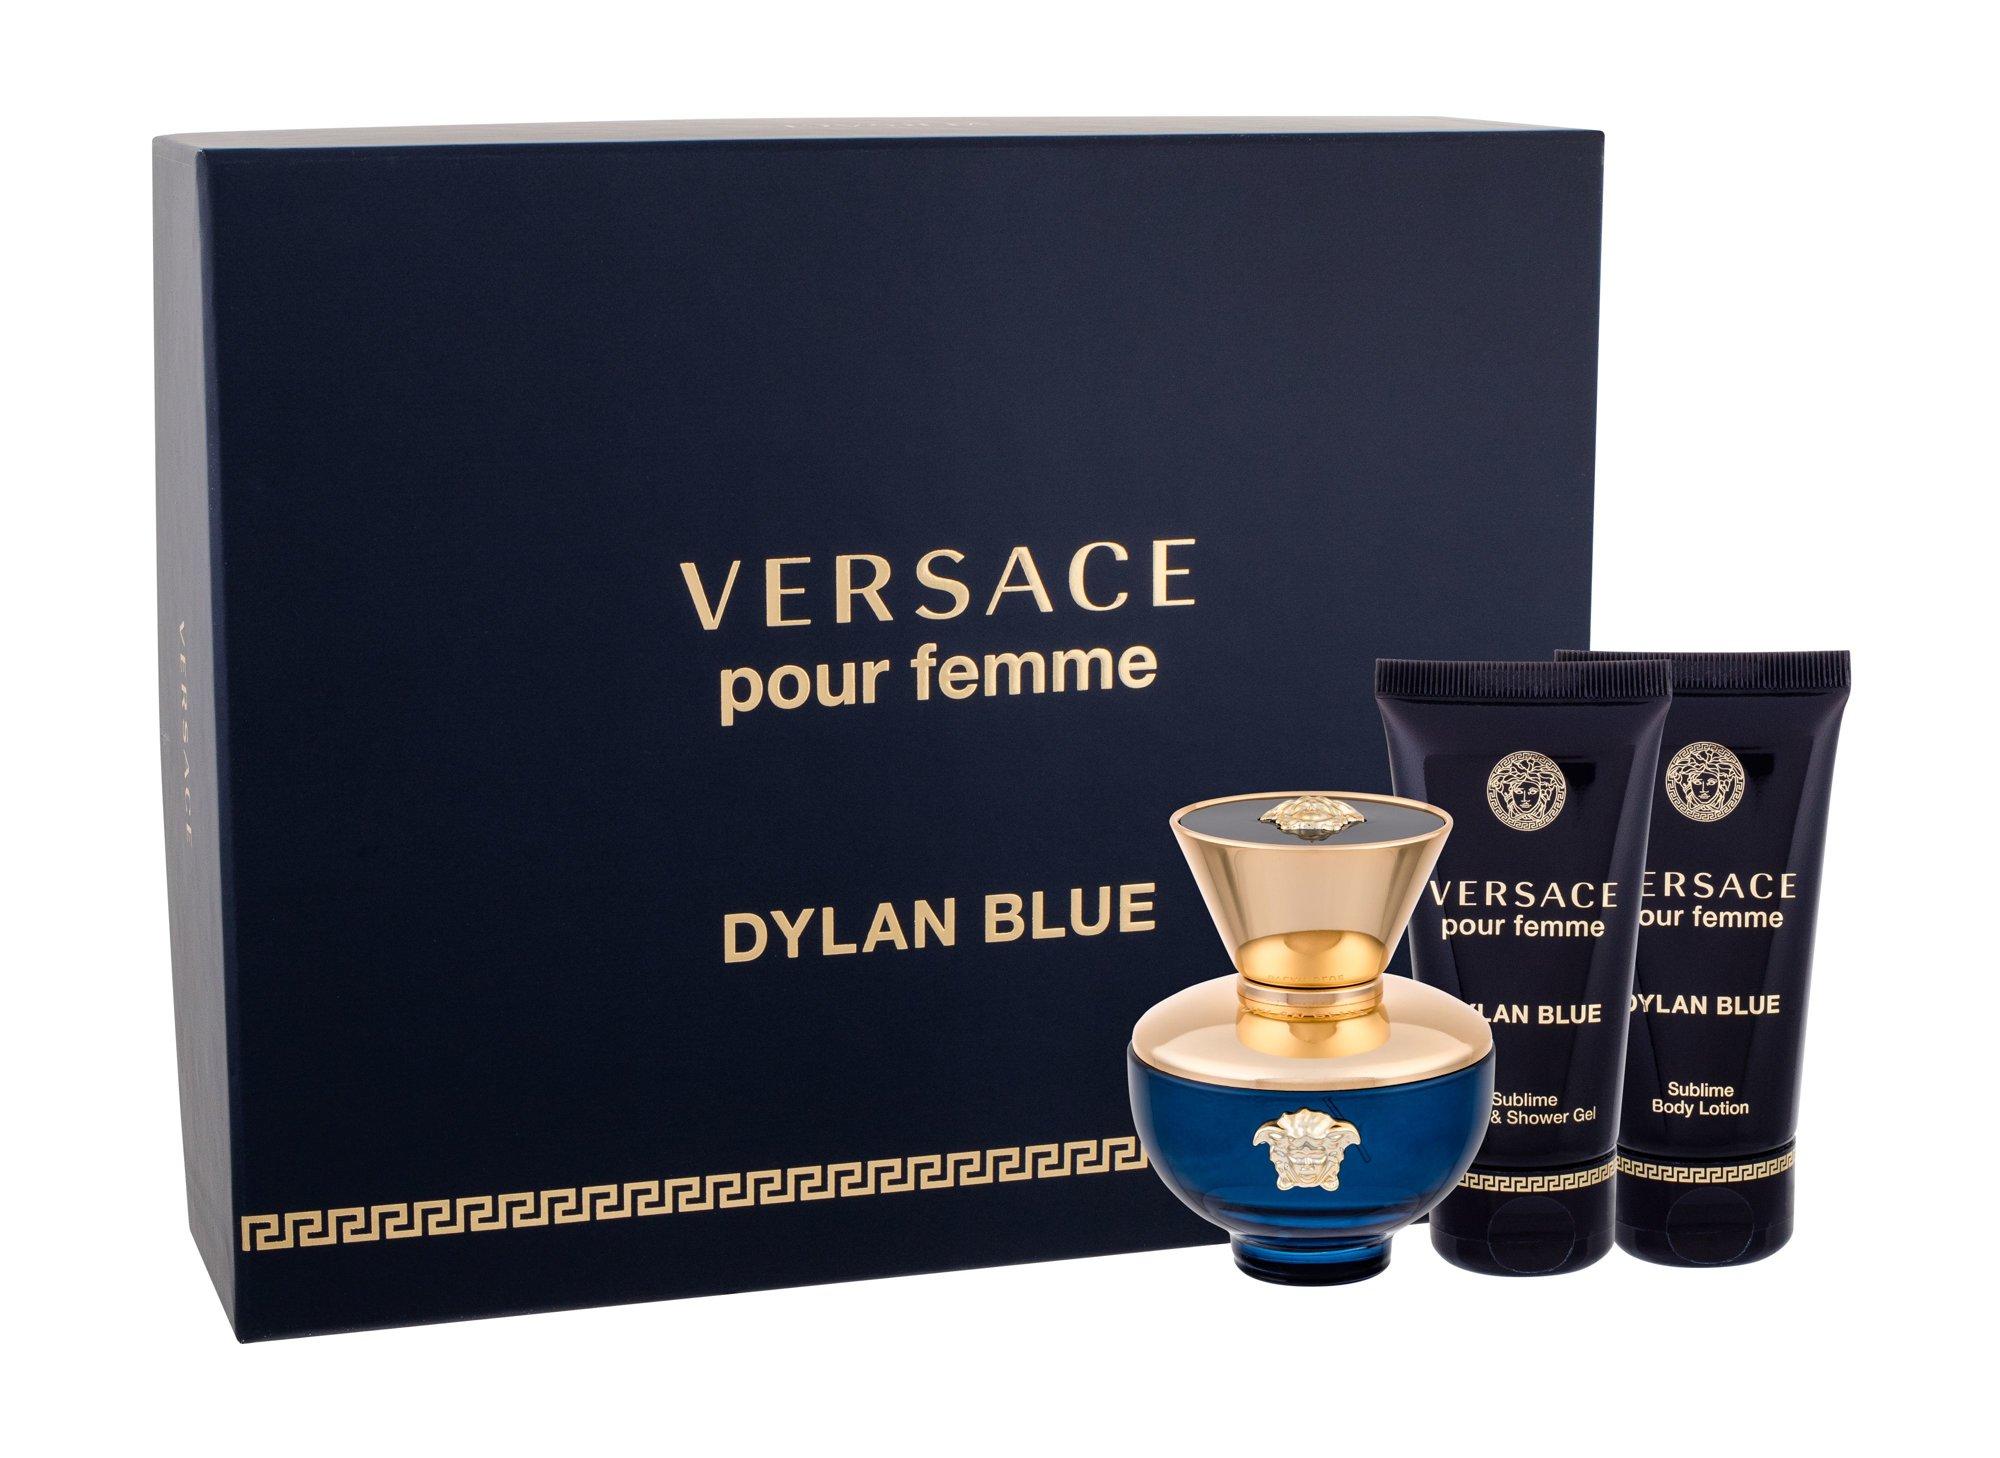 ylan Blue, parfumovaná voda 50 ml + Tělové mléko 50 ml + sprchovací gél 50 ml